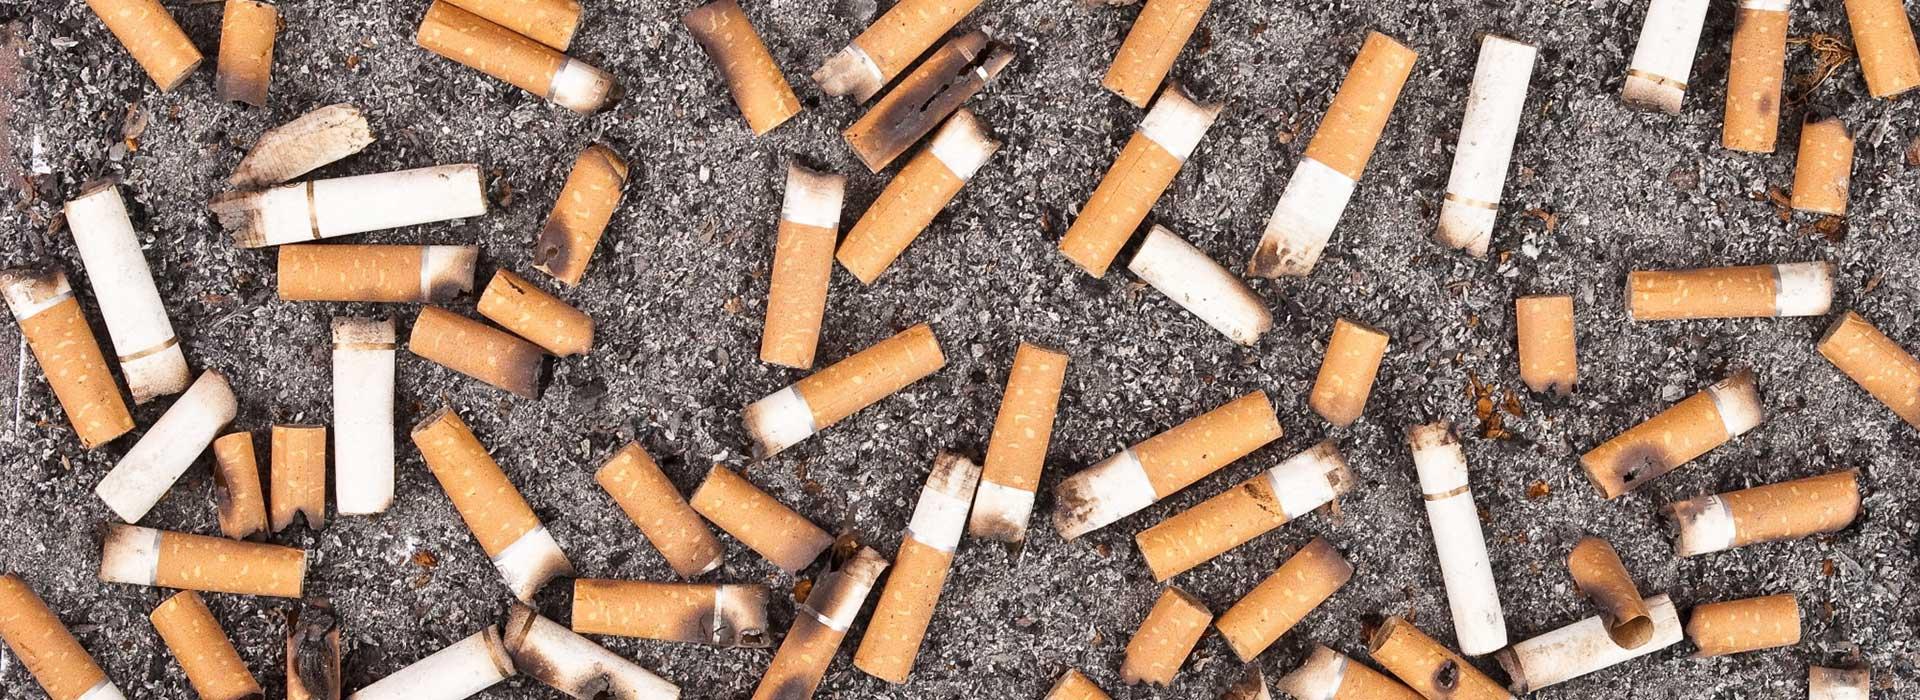 Manfaat Puntung Rokok, yang tak terduga